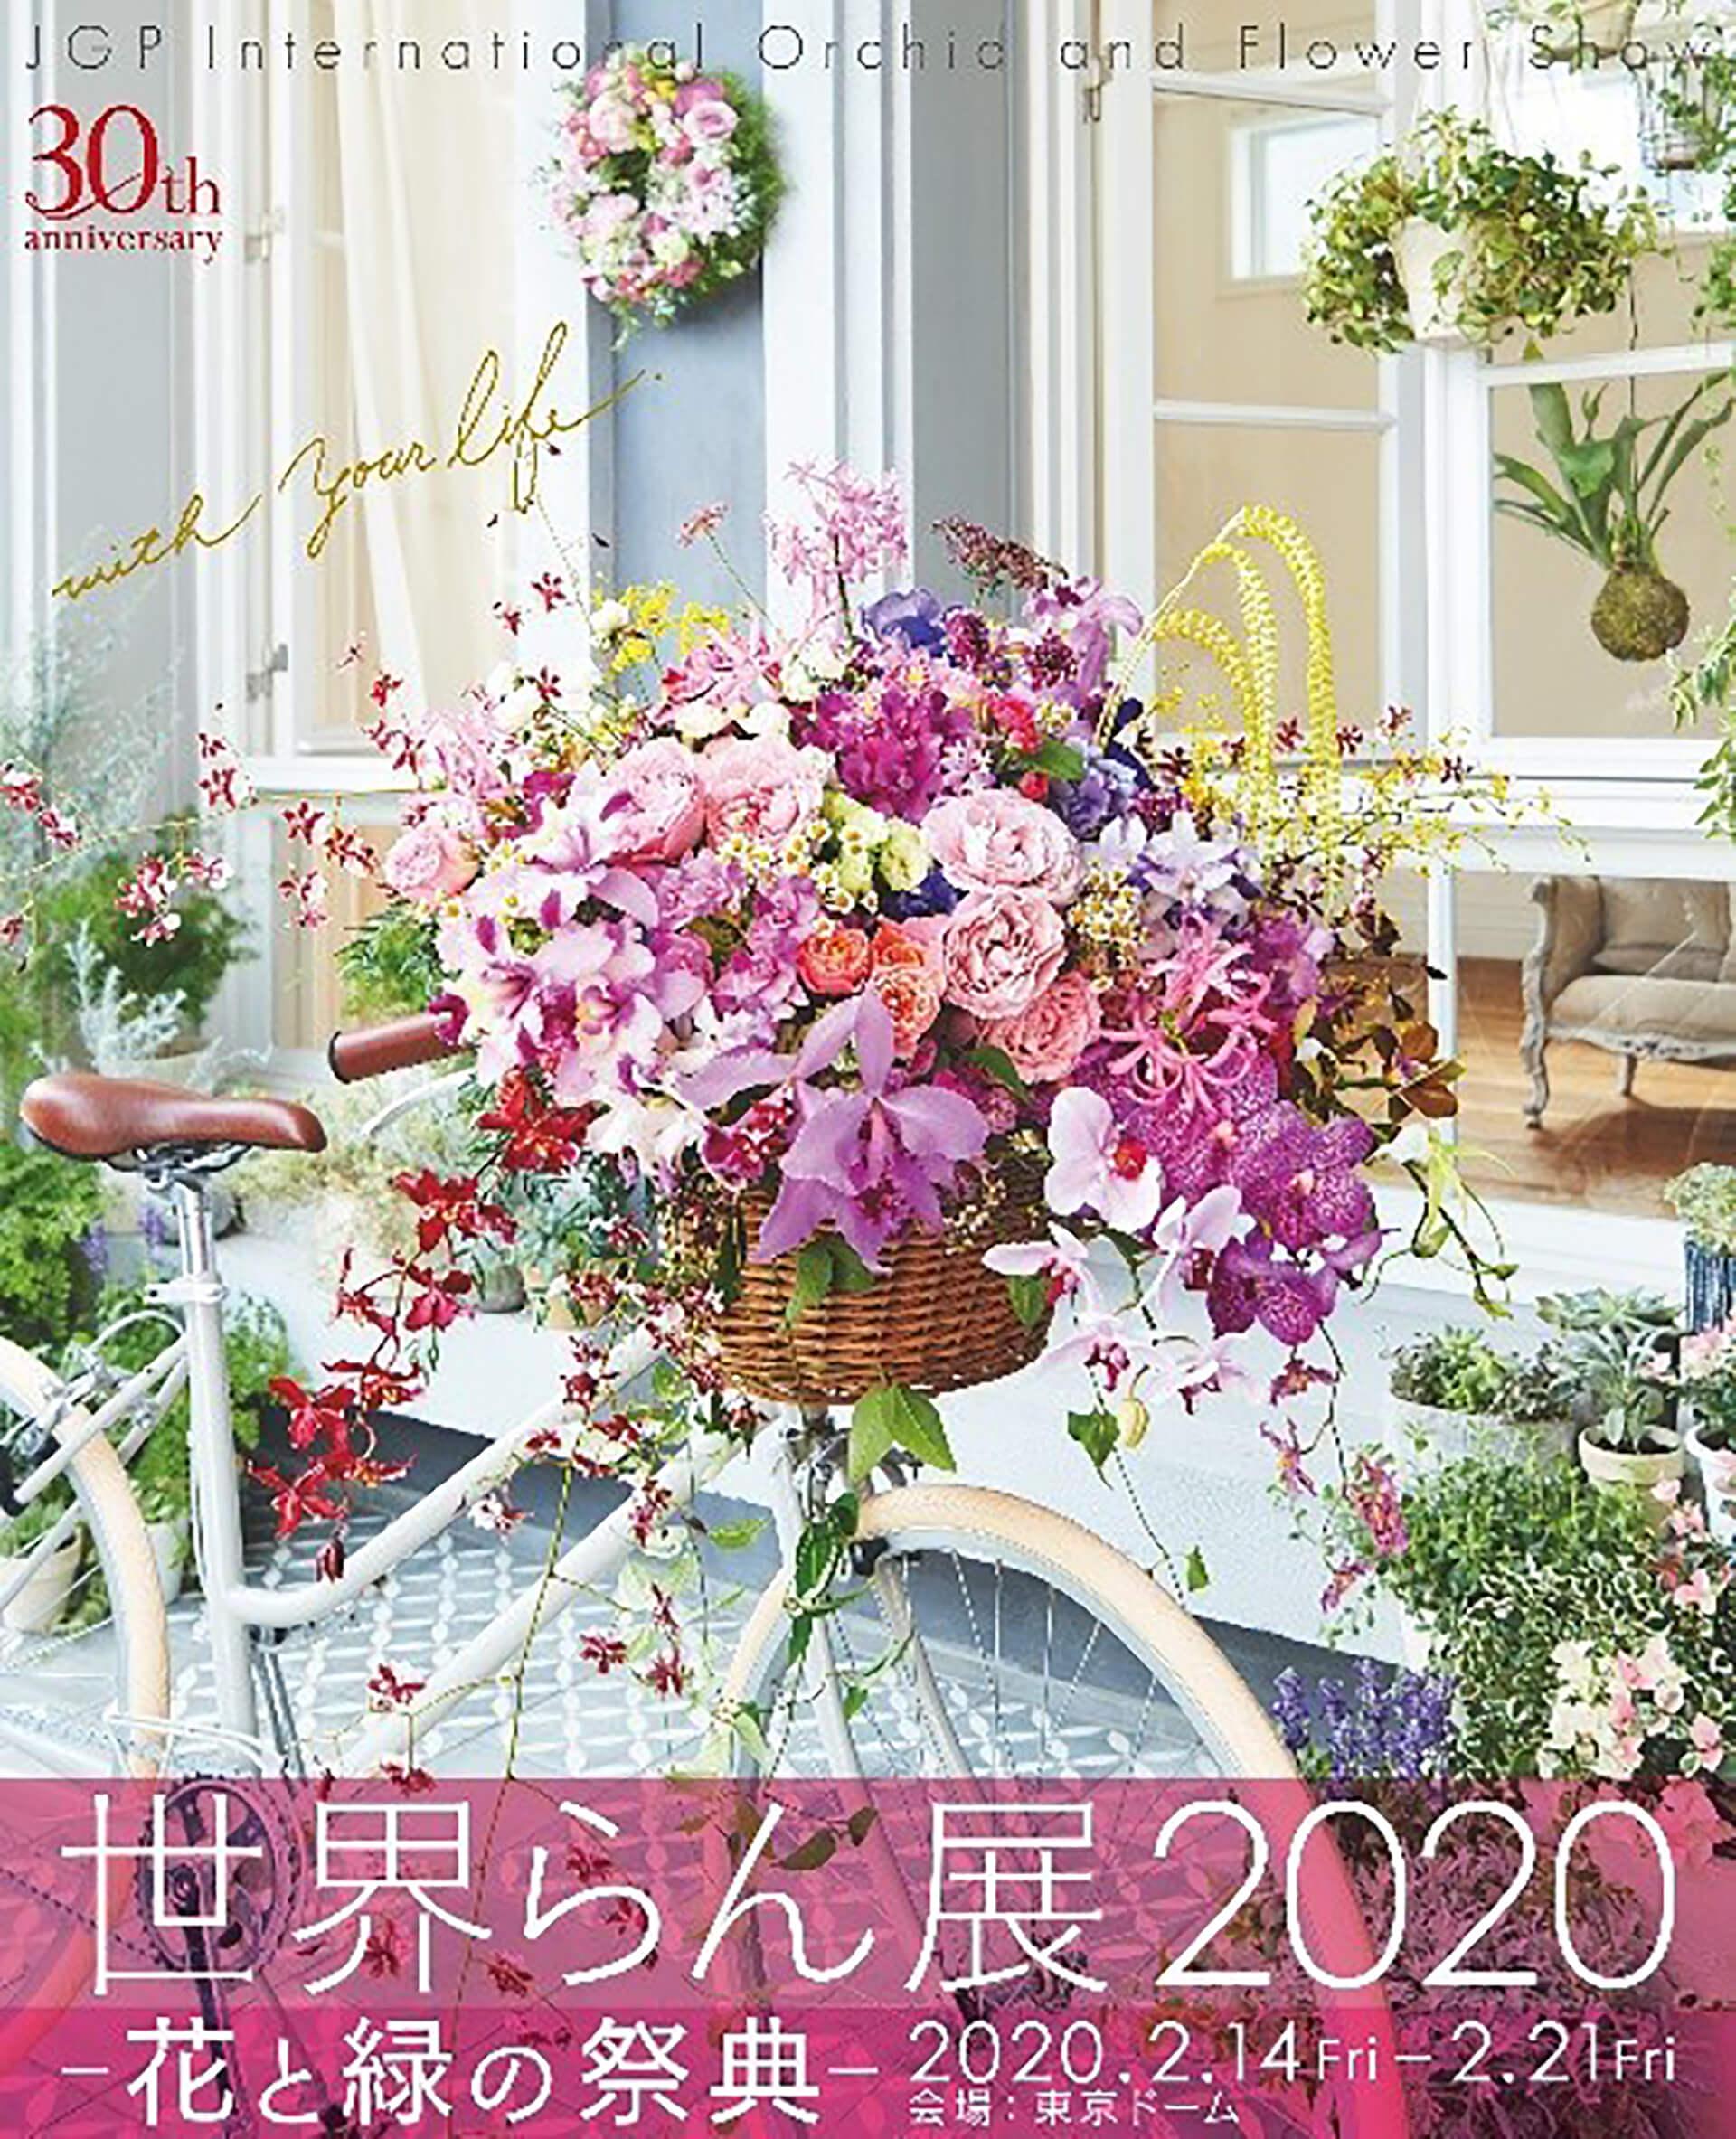 世界らん展2020‐花と緑の祭典‐バナー